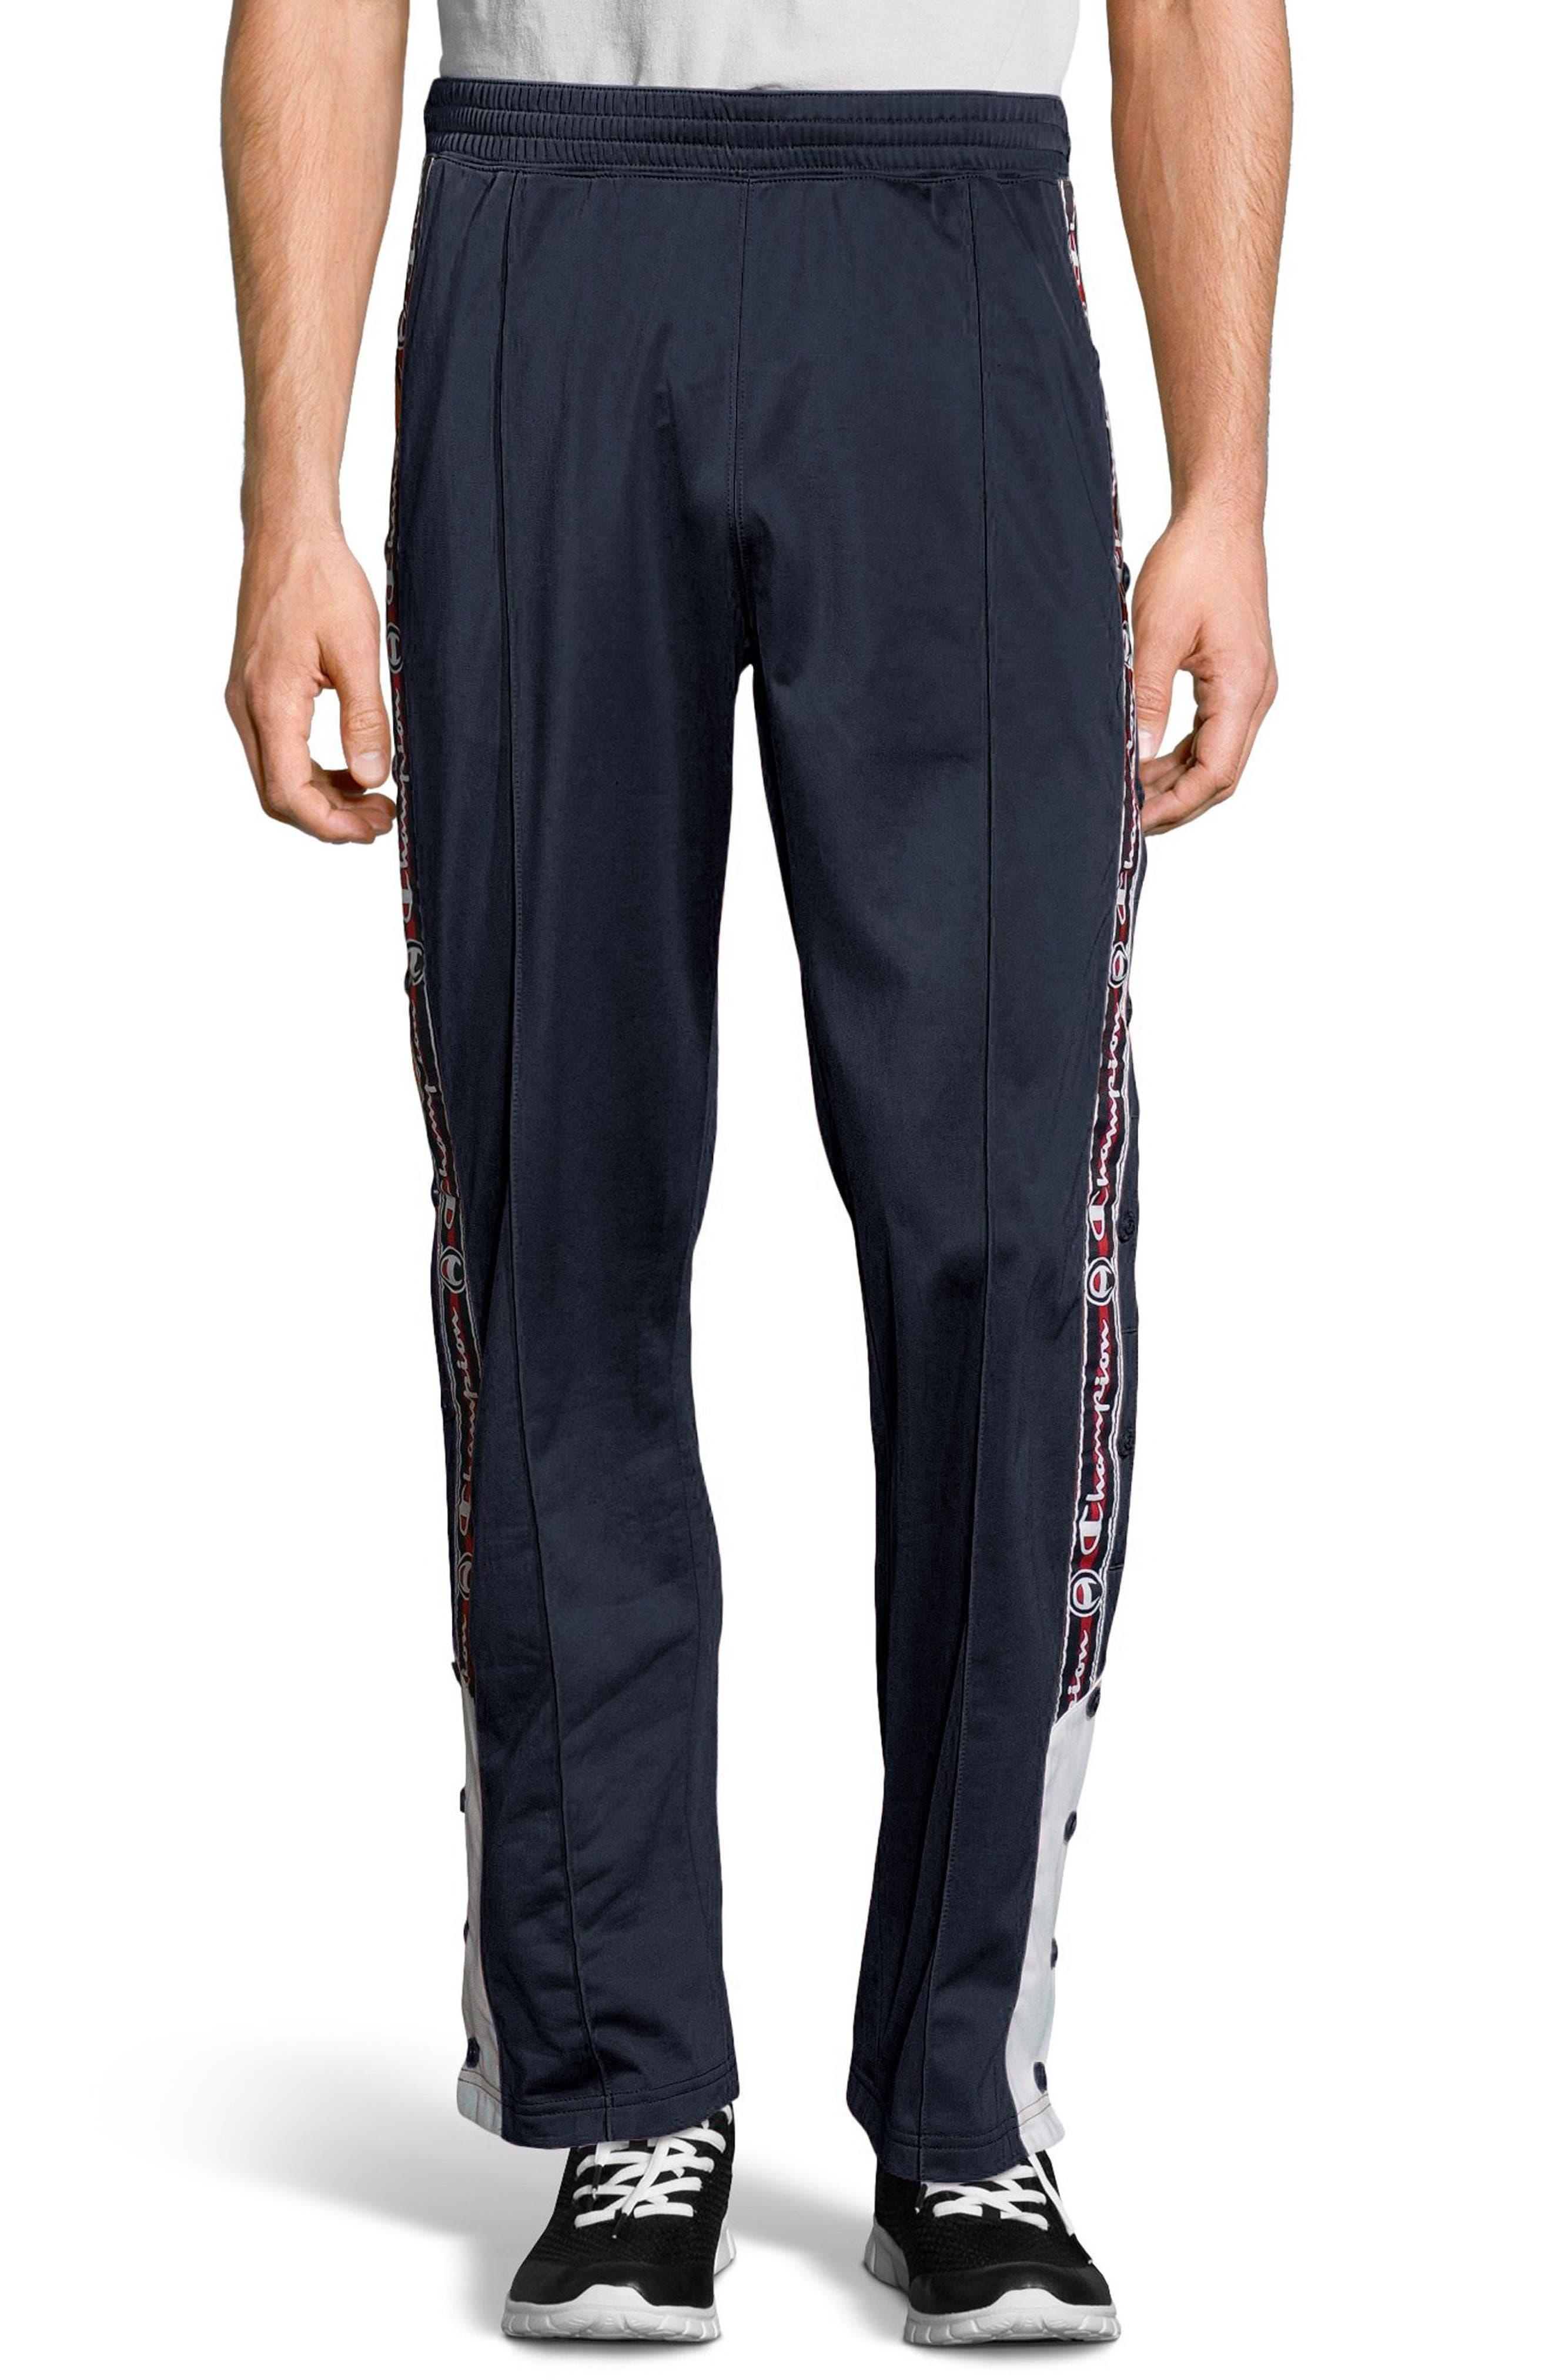 Polywarp Knit Pants,                             Main thumbnail 1, color,                             Navy